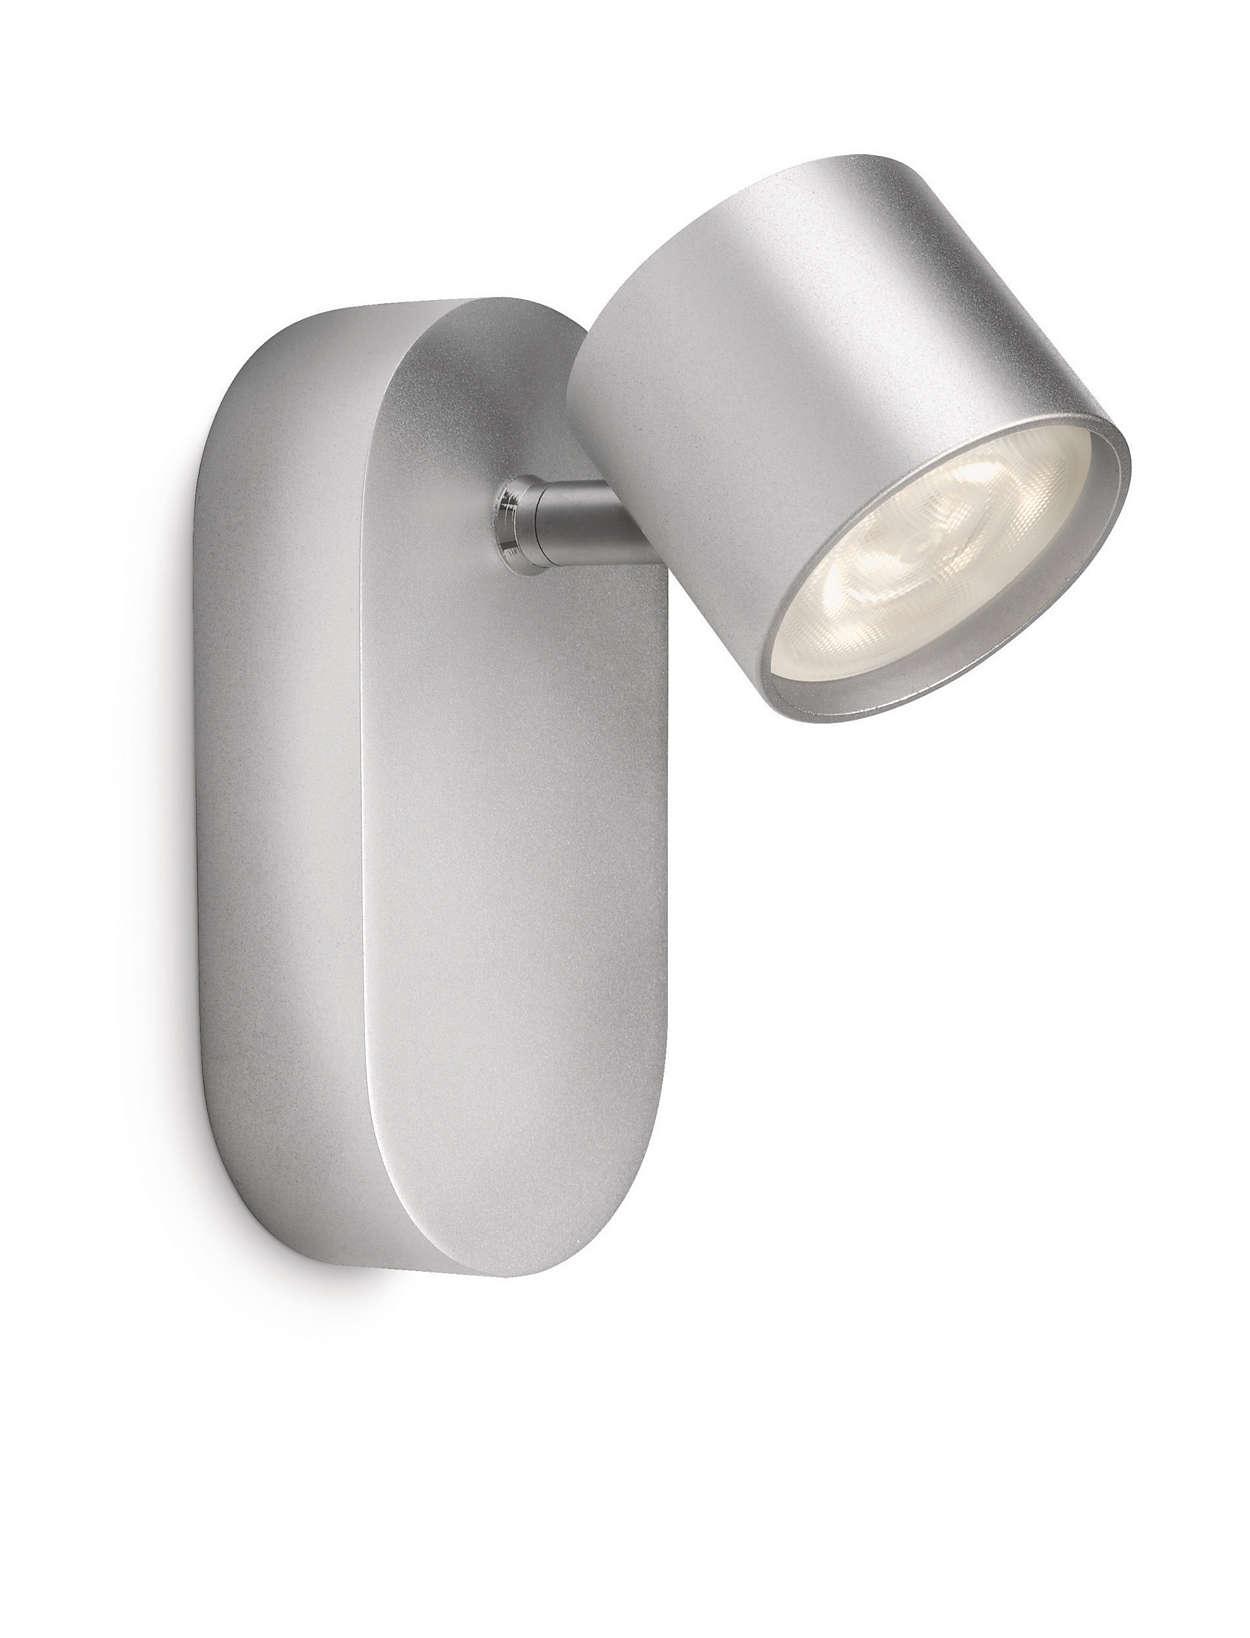 Evinizi ışıkla ön plana çıkarın